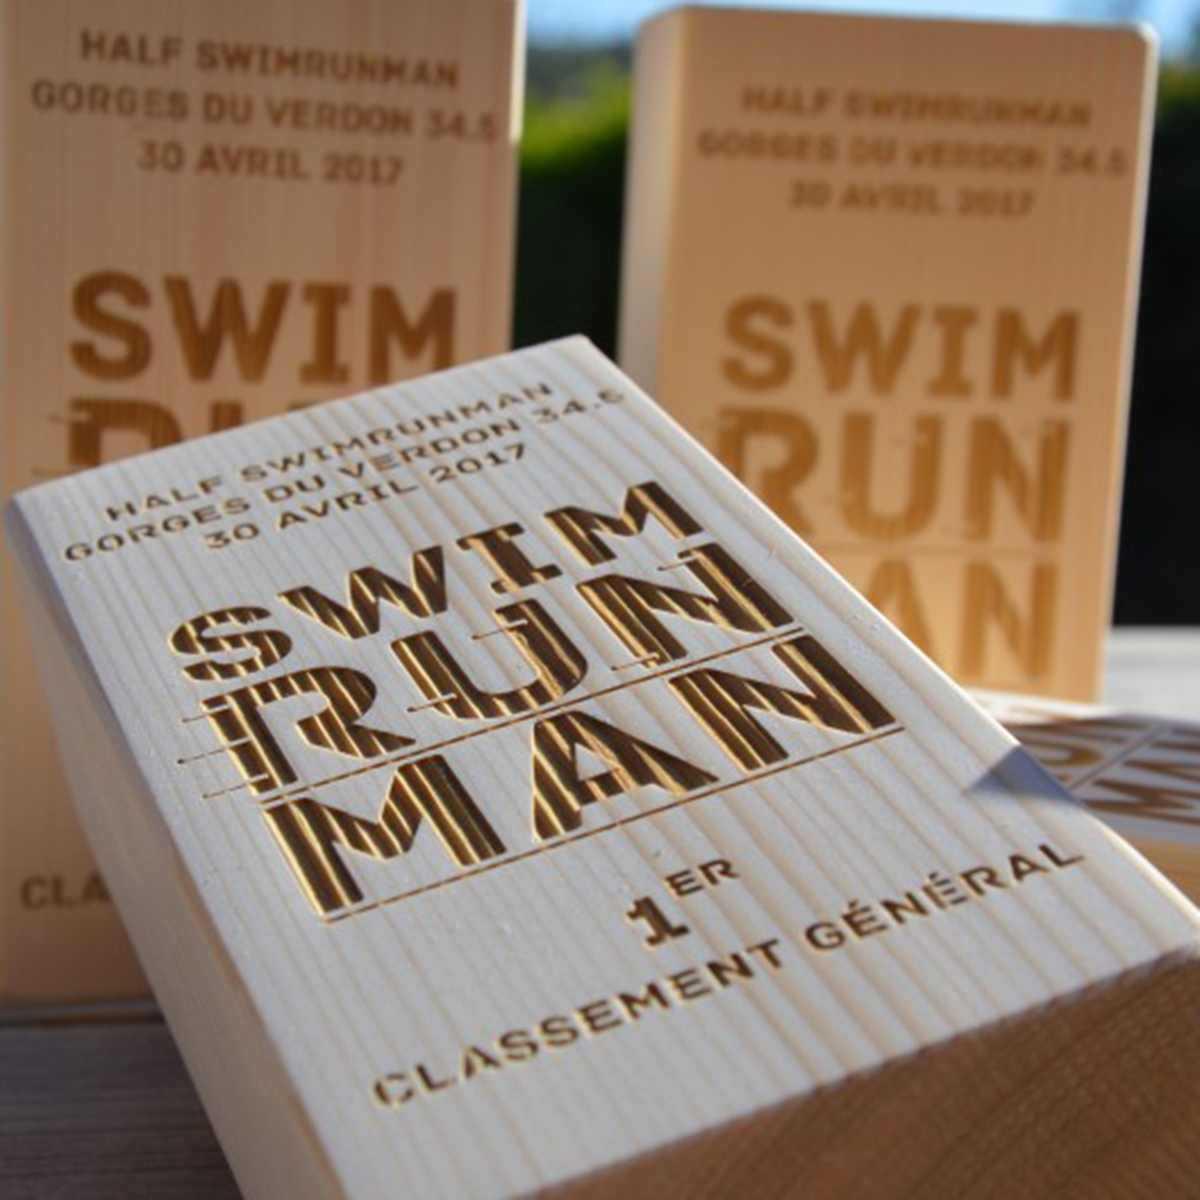 Trophée Half Swimrunman - Gorges du Verdon 34,5 - 30 avril 2017